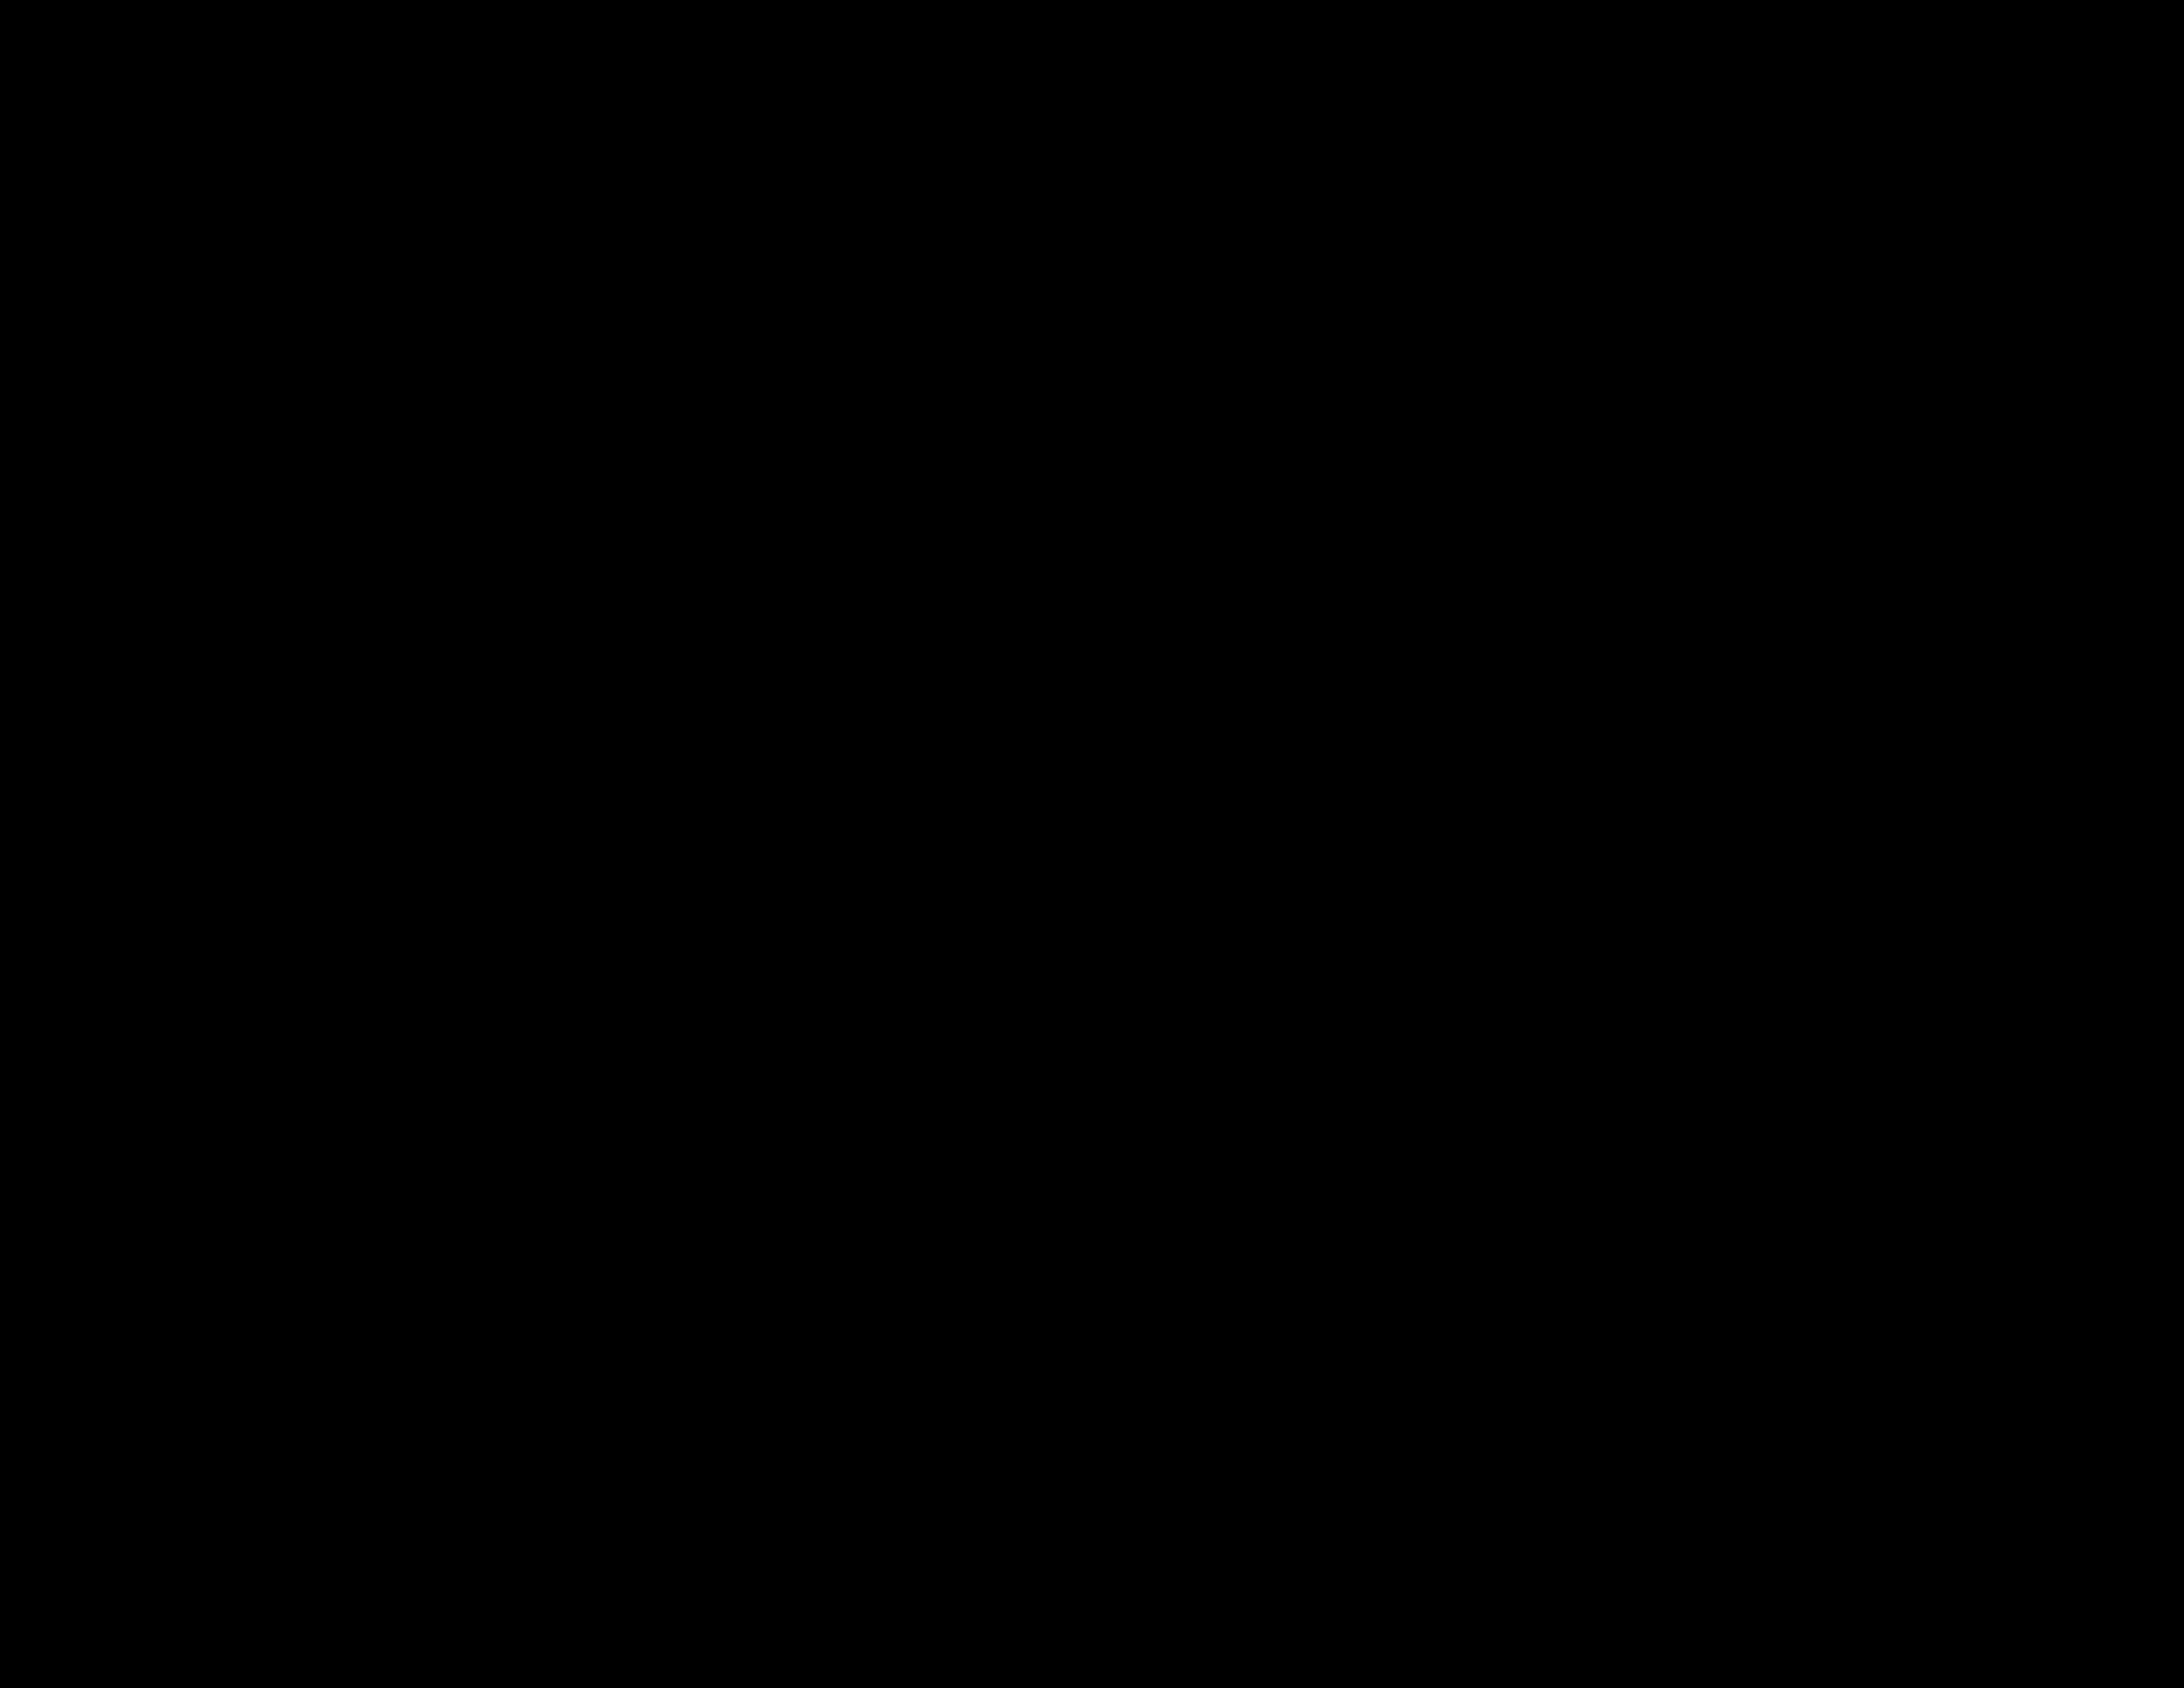 asj-01.png